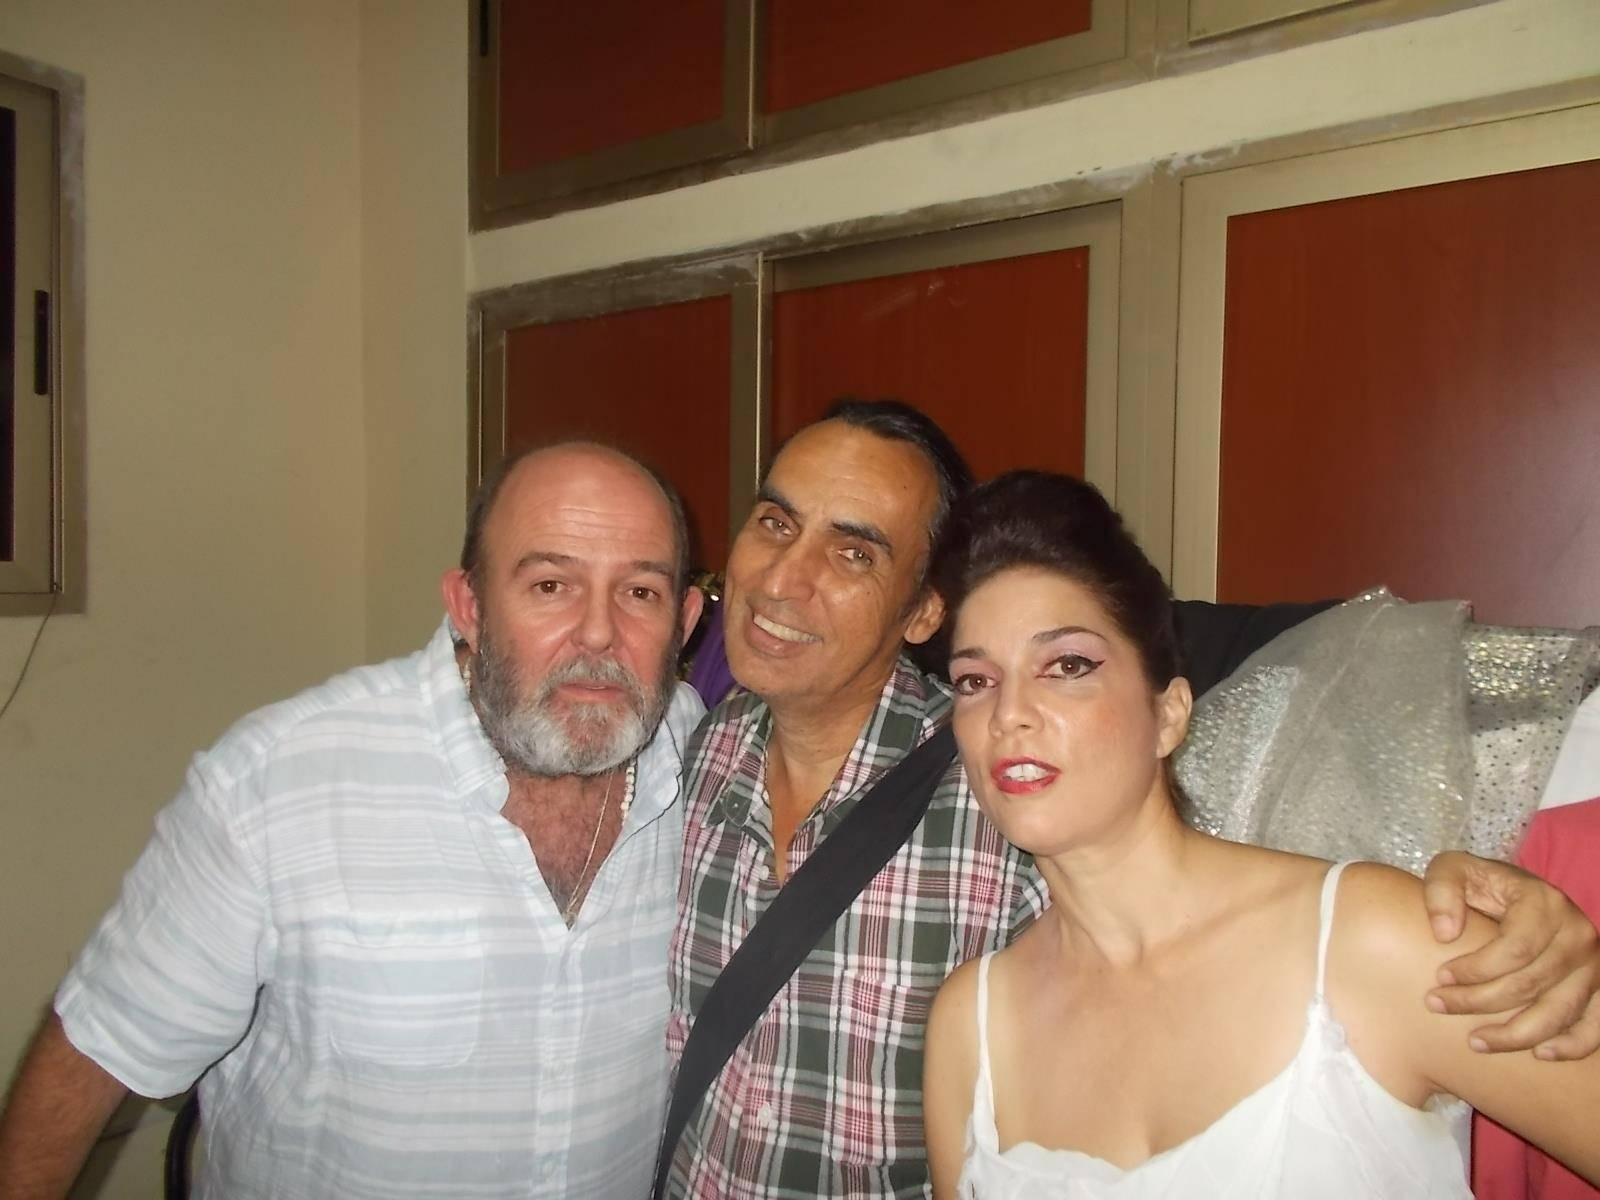 Carlos Díaz junto a Juan Piñera y Bárbara Llanes. Foto: Norge Espinosa.